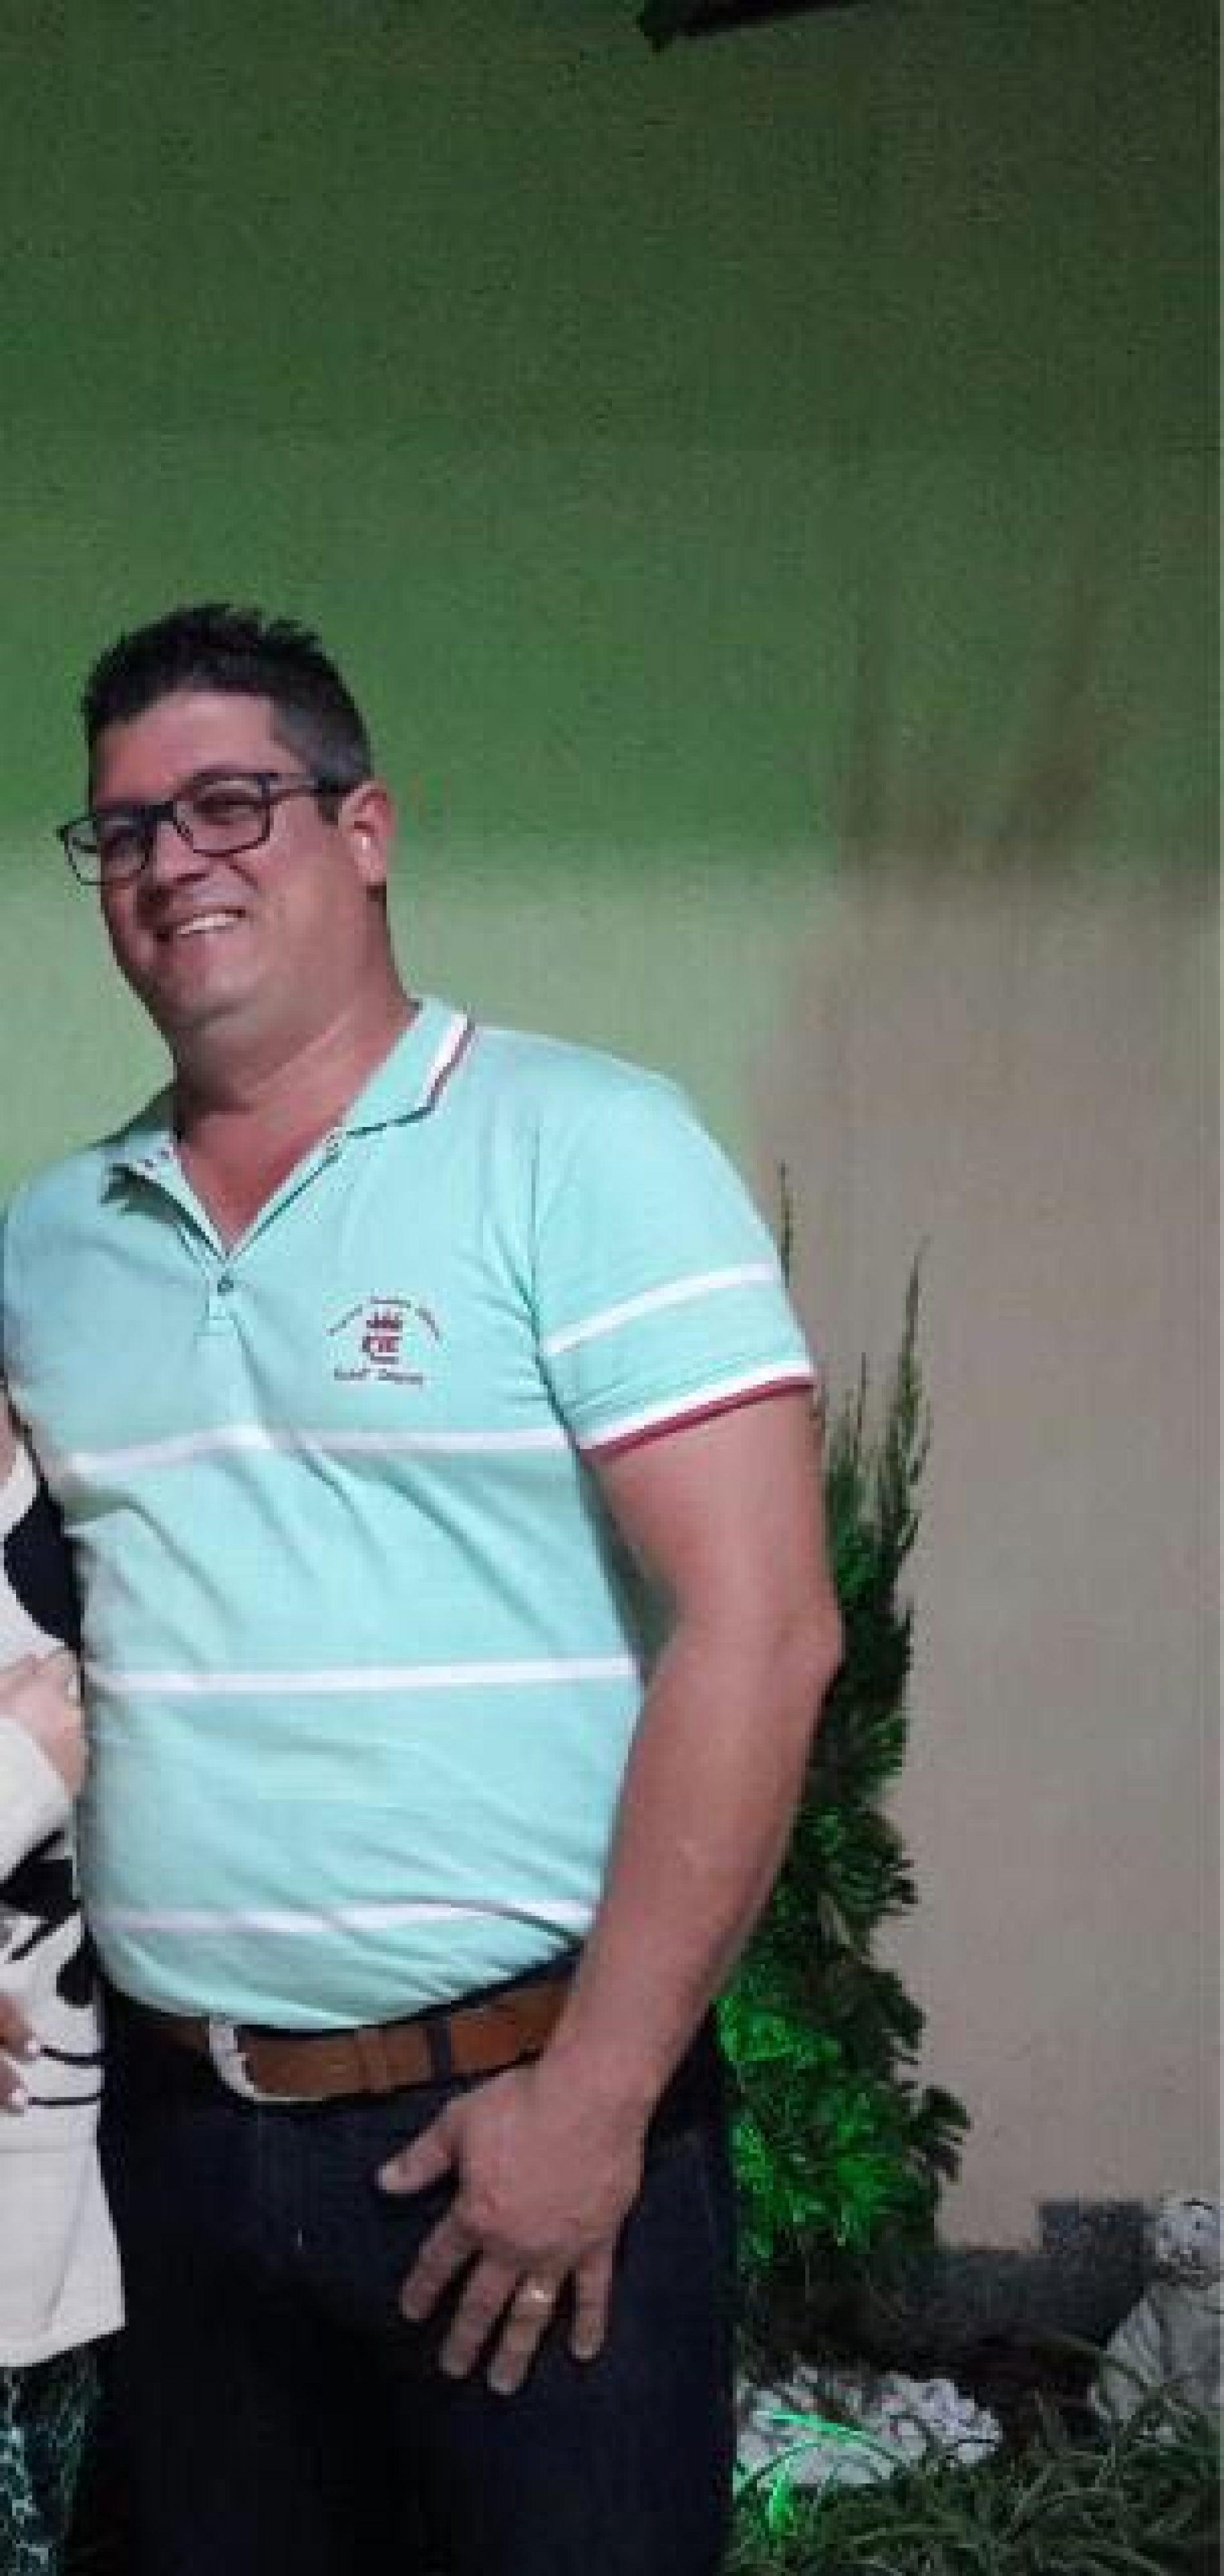 Mecânico é morto em frente a mini basílica em Barretos